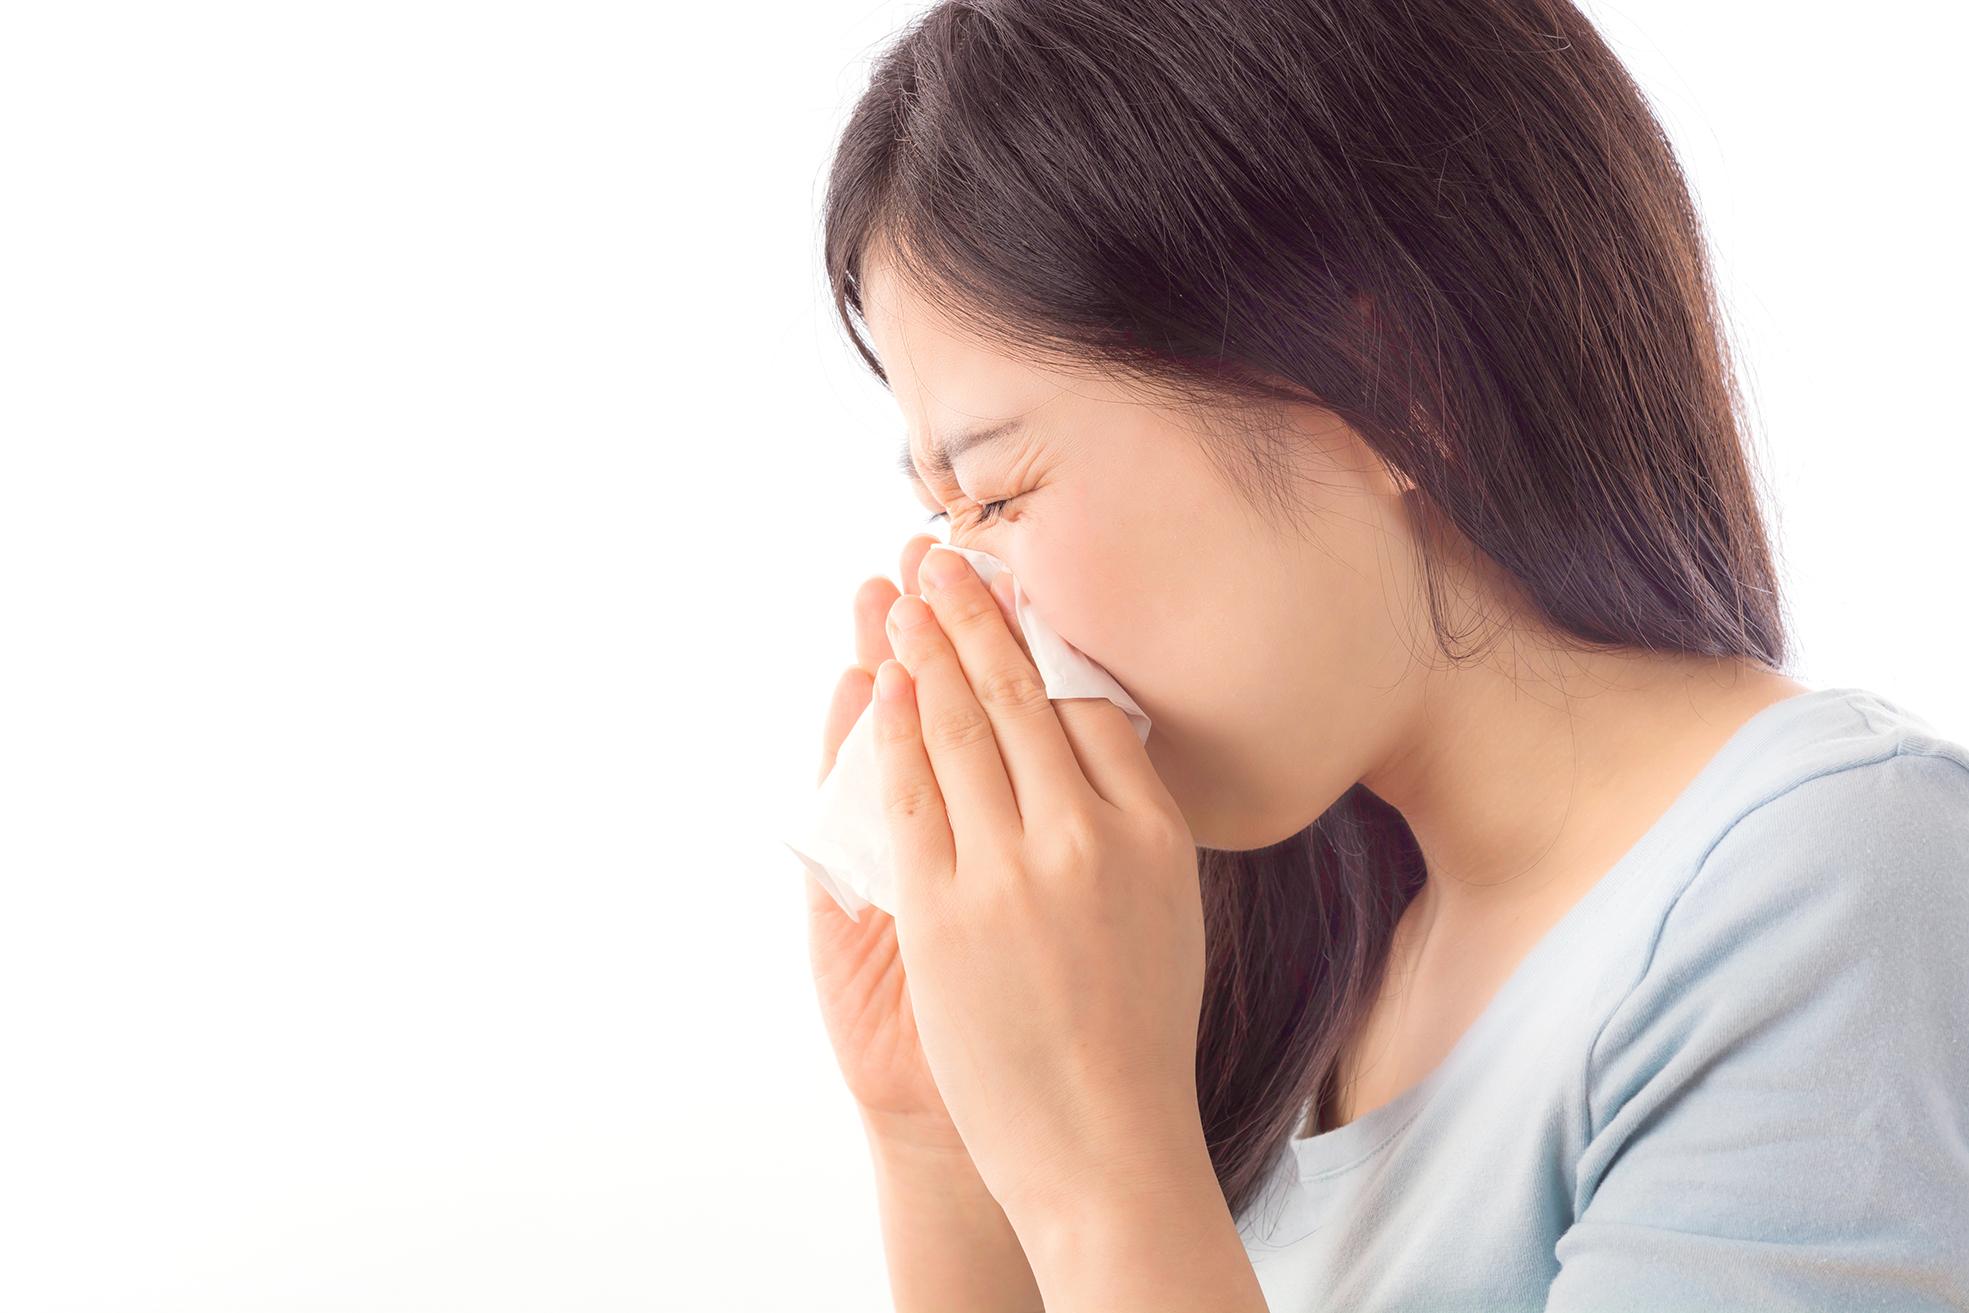 Vacina contra gripe gera gripe?